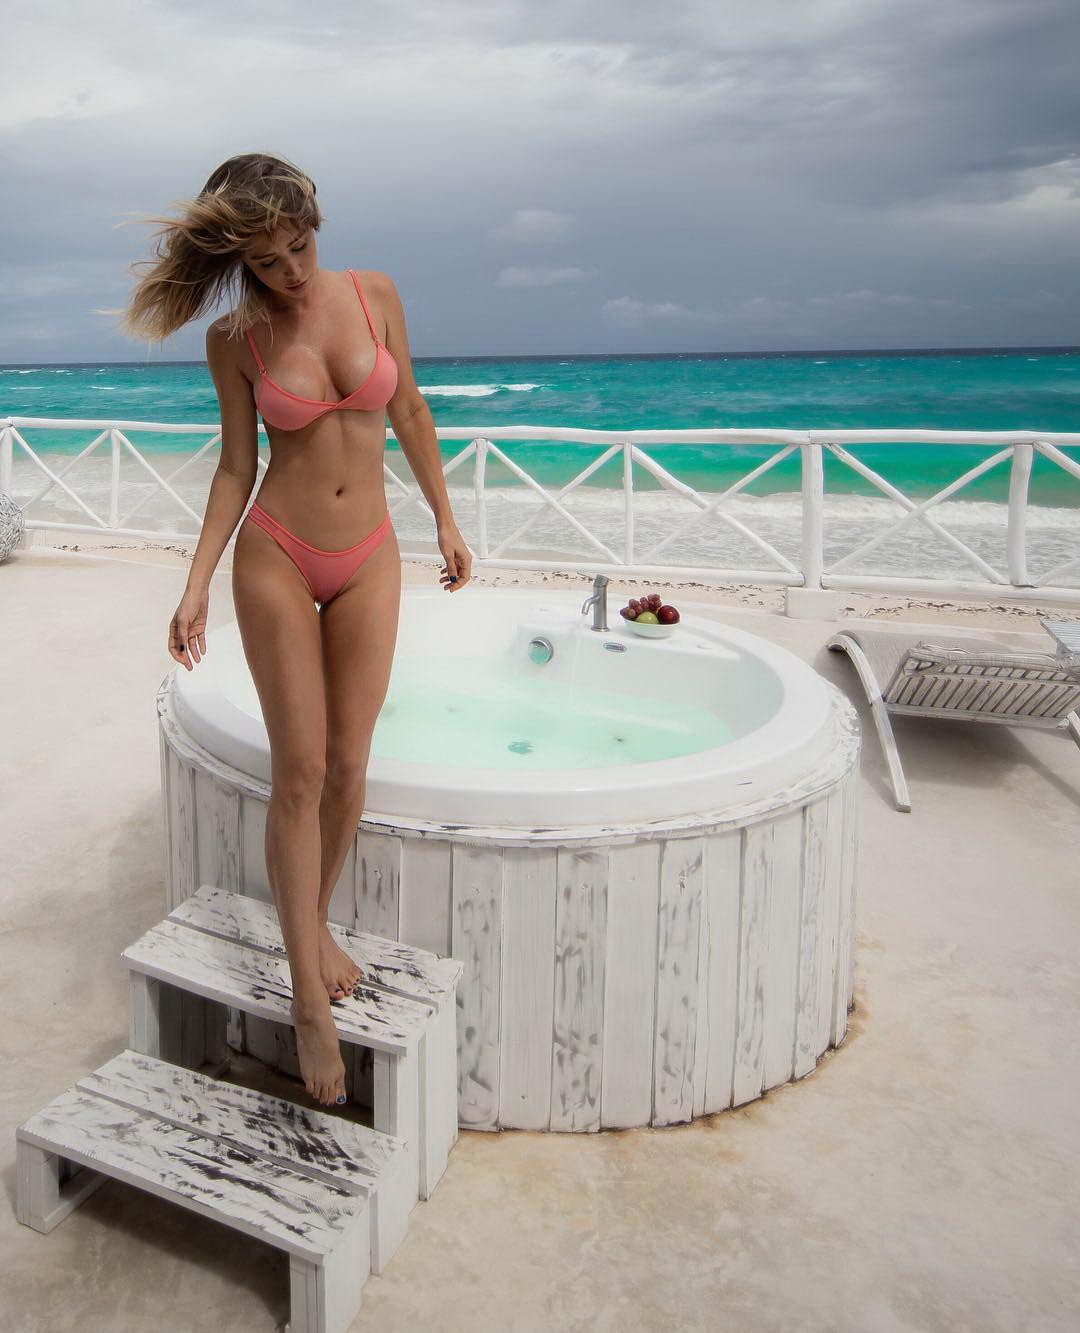 фото красивых голых девушек на пляже частное